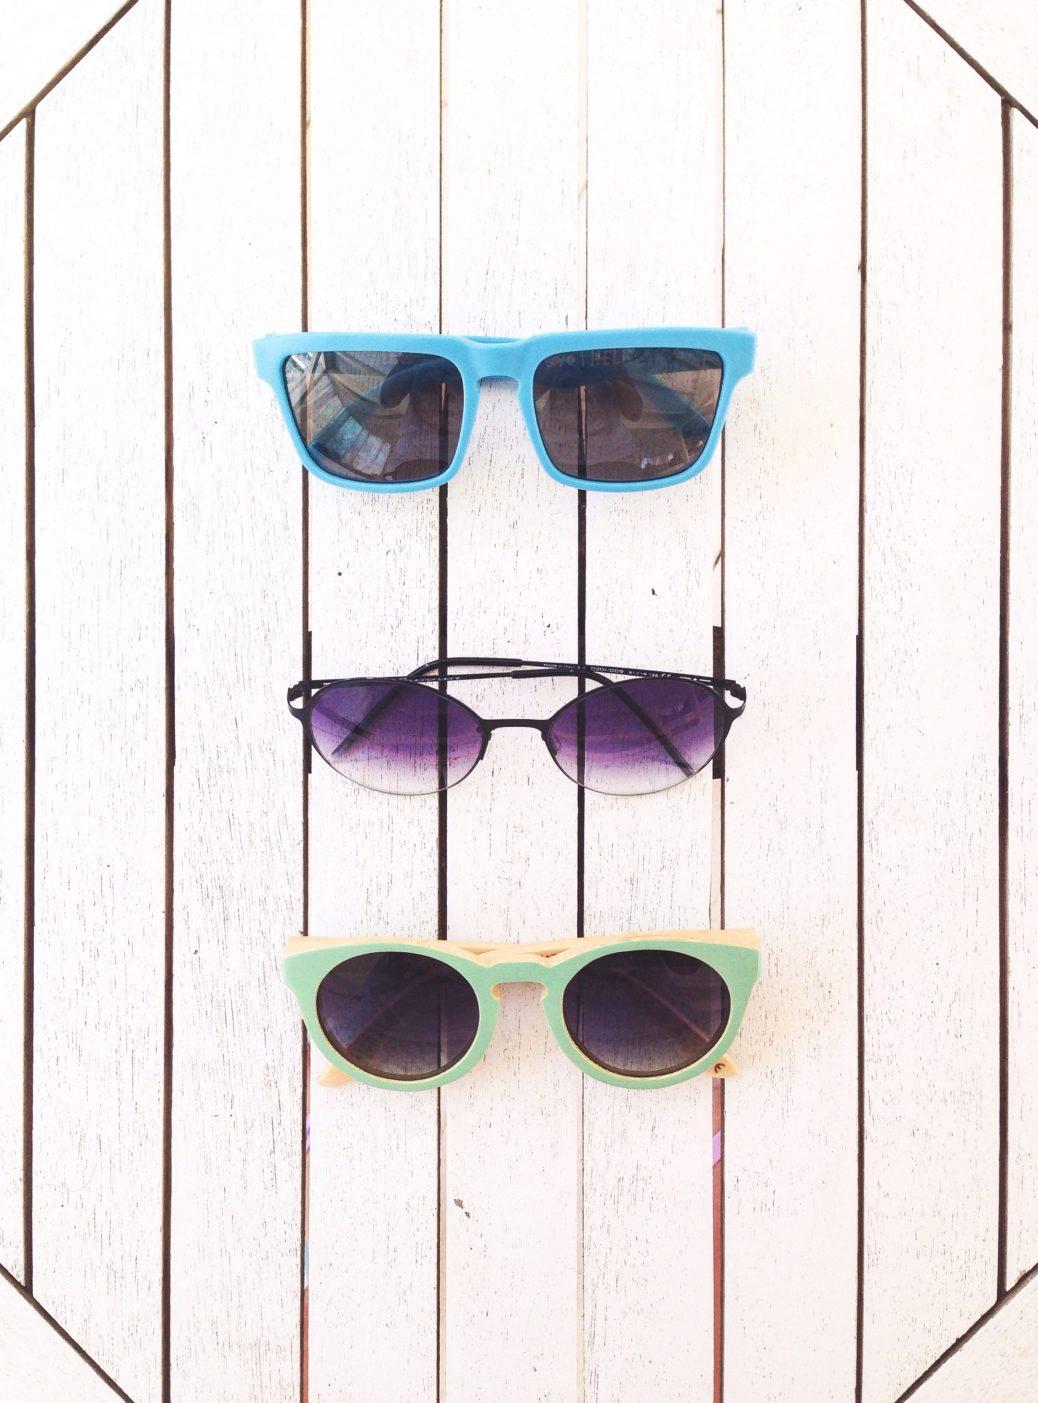 lunettes humoristiques